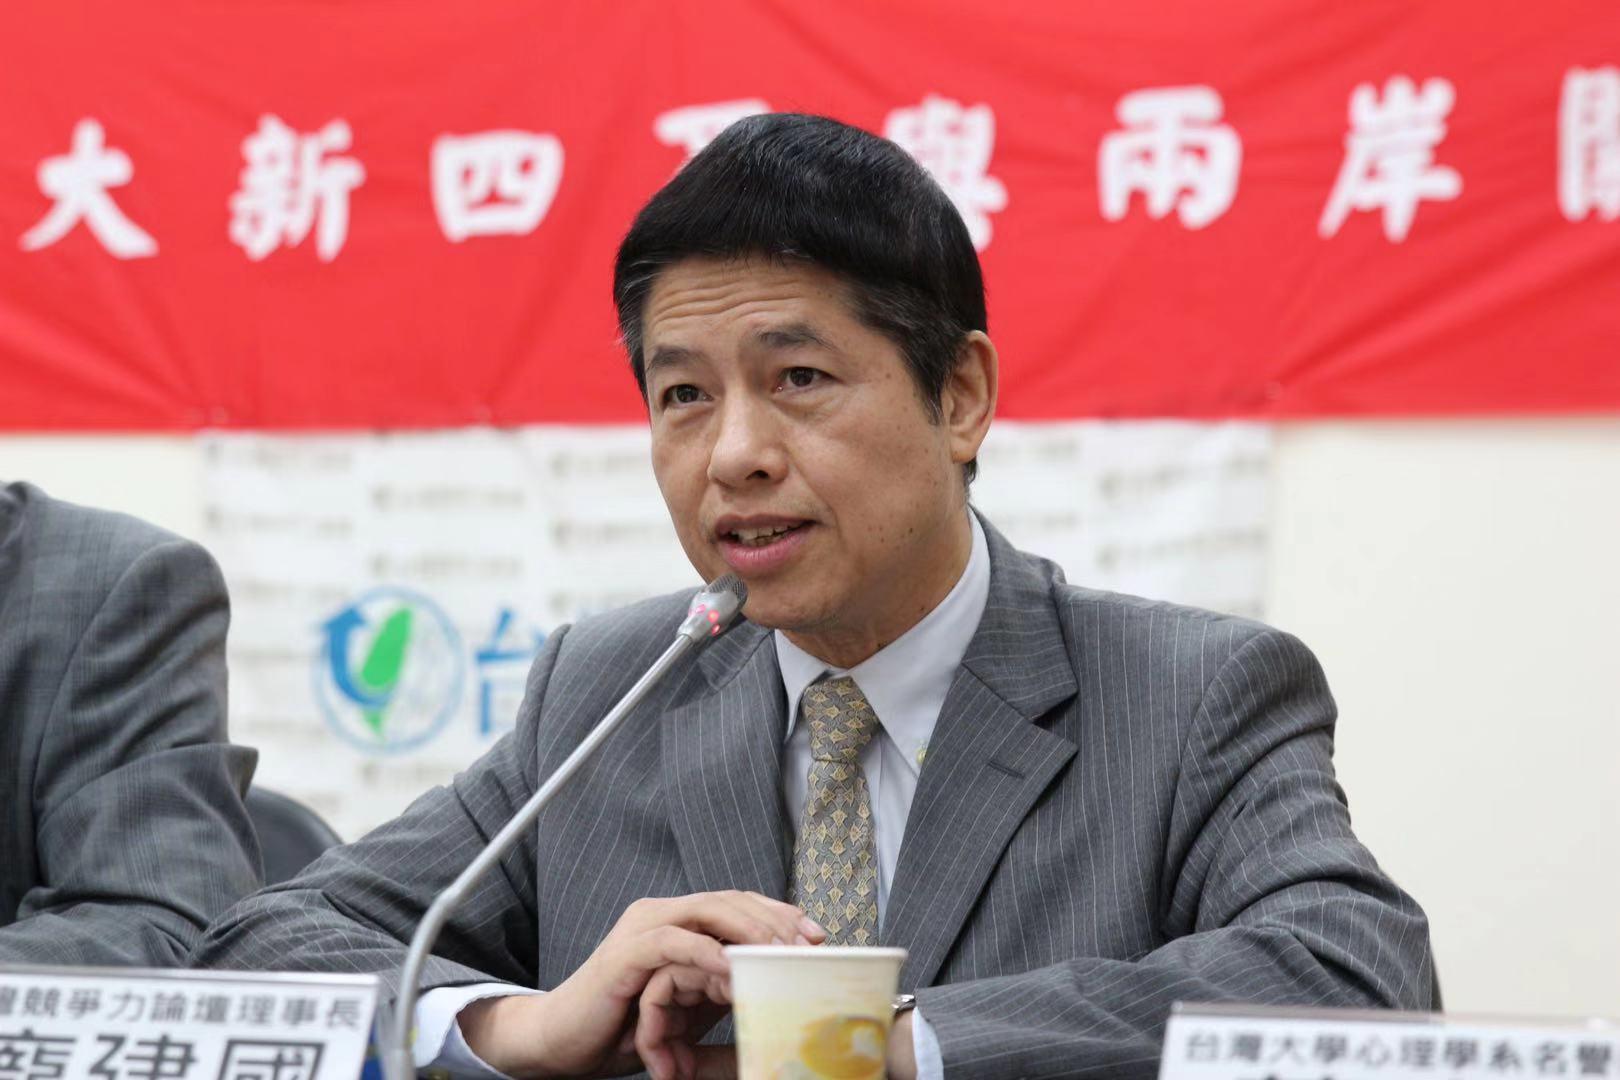 龐建國呼籲蔡英文當局松「金口」,開「金門」,以破解台灣「悶經濟」。圖為龐建國在大陸參加某研討會時發言(蔣煌基攝)